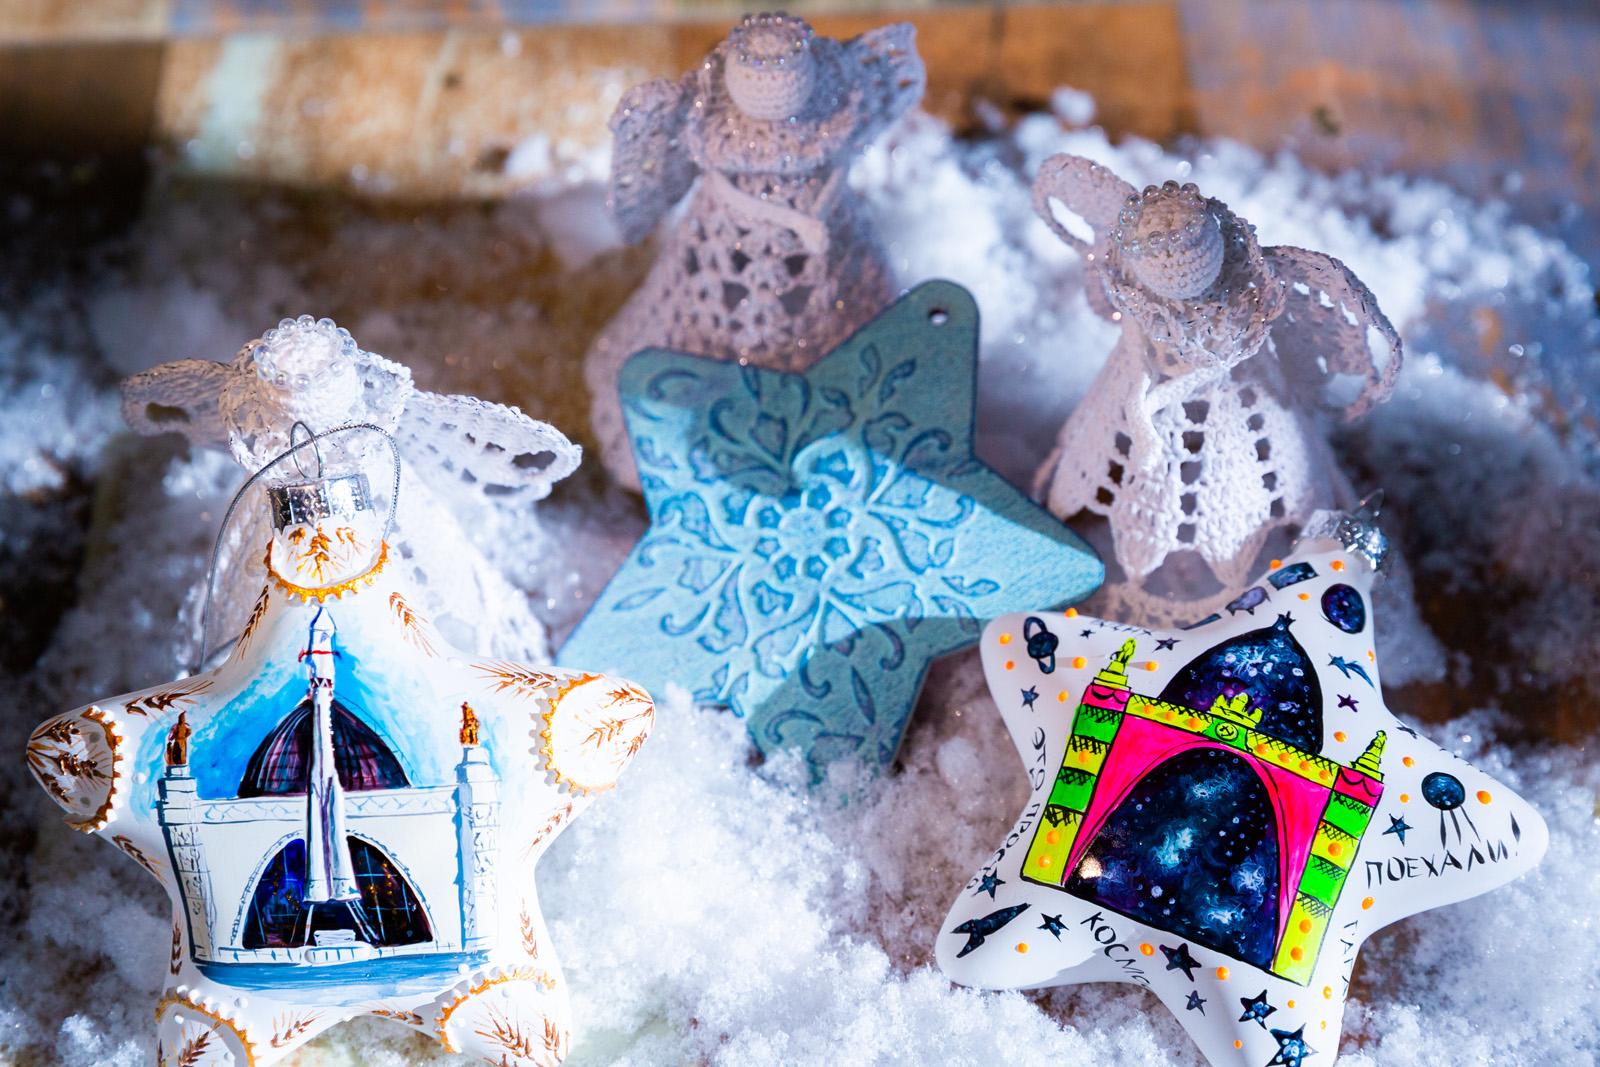 Ночь искусств в мастерской елочных игрушек – события на сайте «Московские Сезоны»